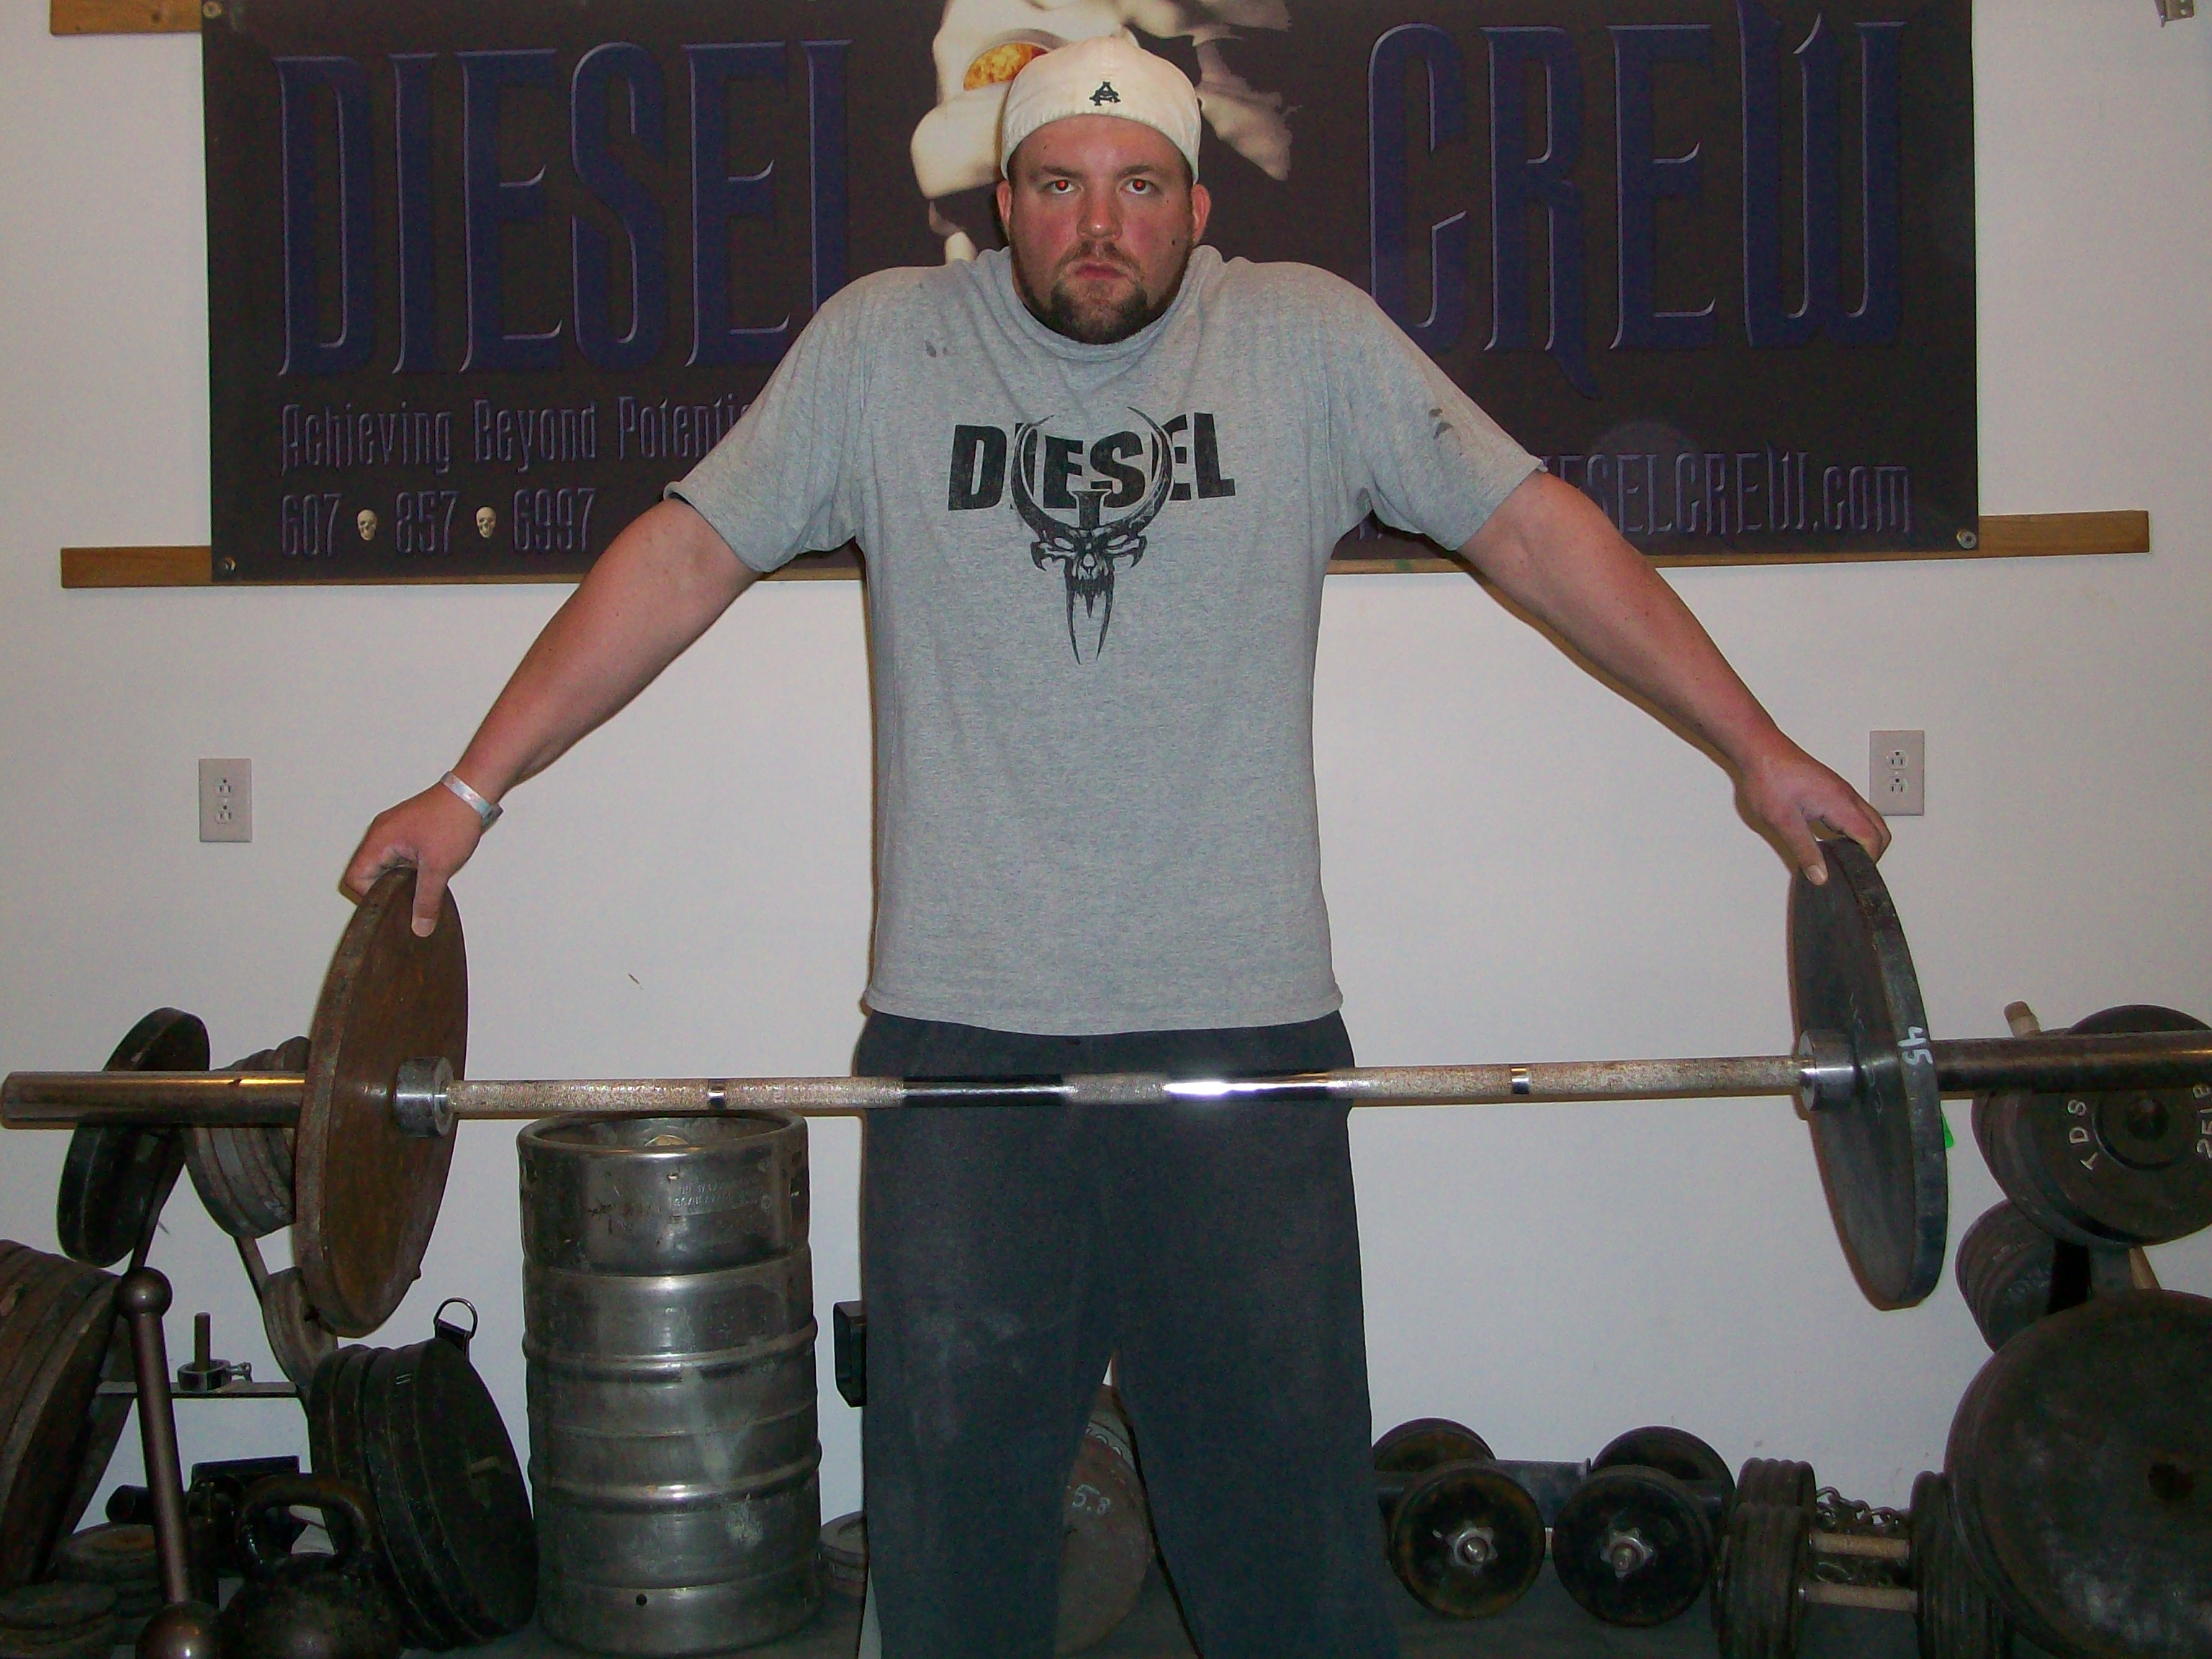 American Fitness Model And Actor Greg Plitt